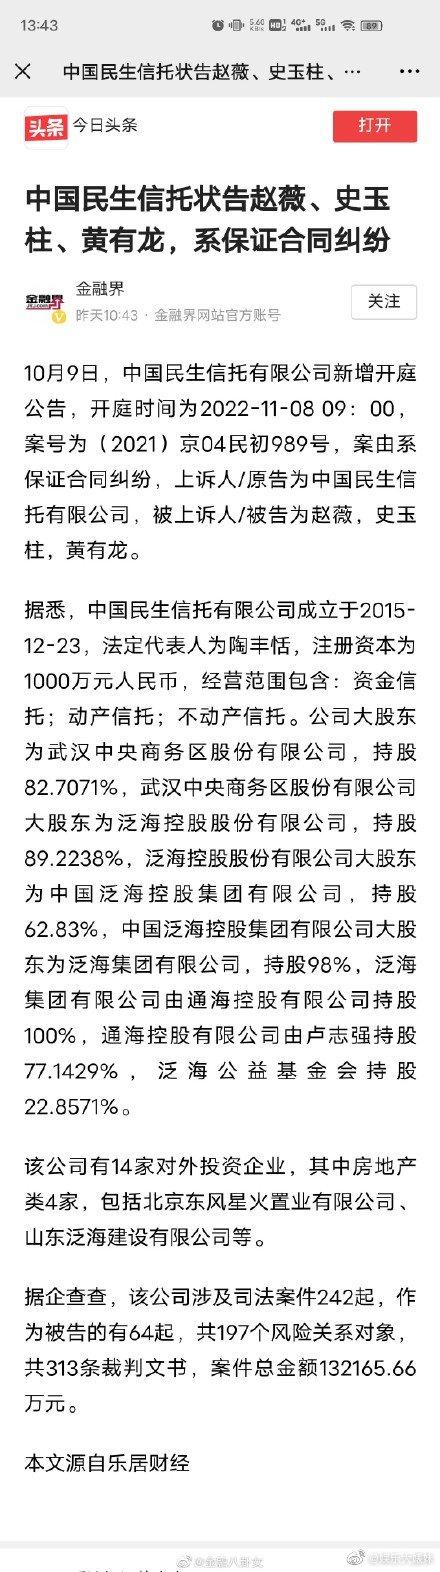 赵薇夫妇遭知名金融机构起诉 赵薇夫妇及史玉柱遭民生信托起诉